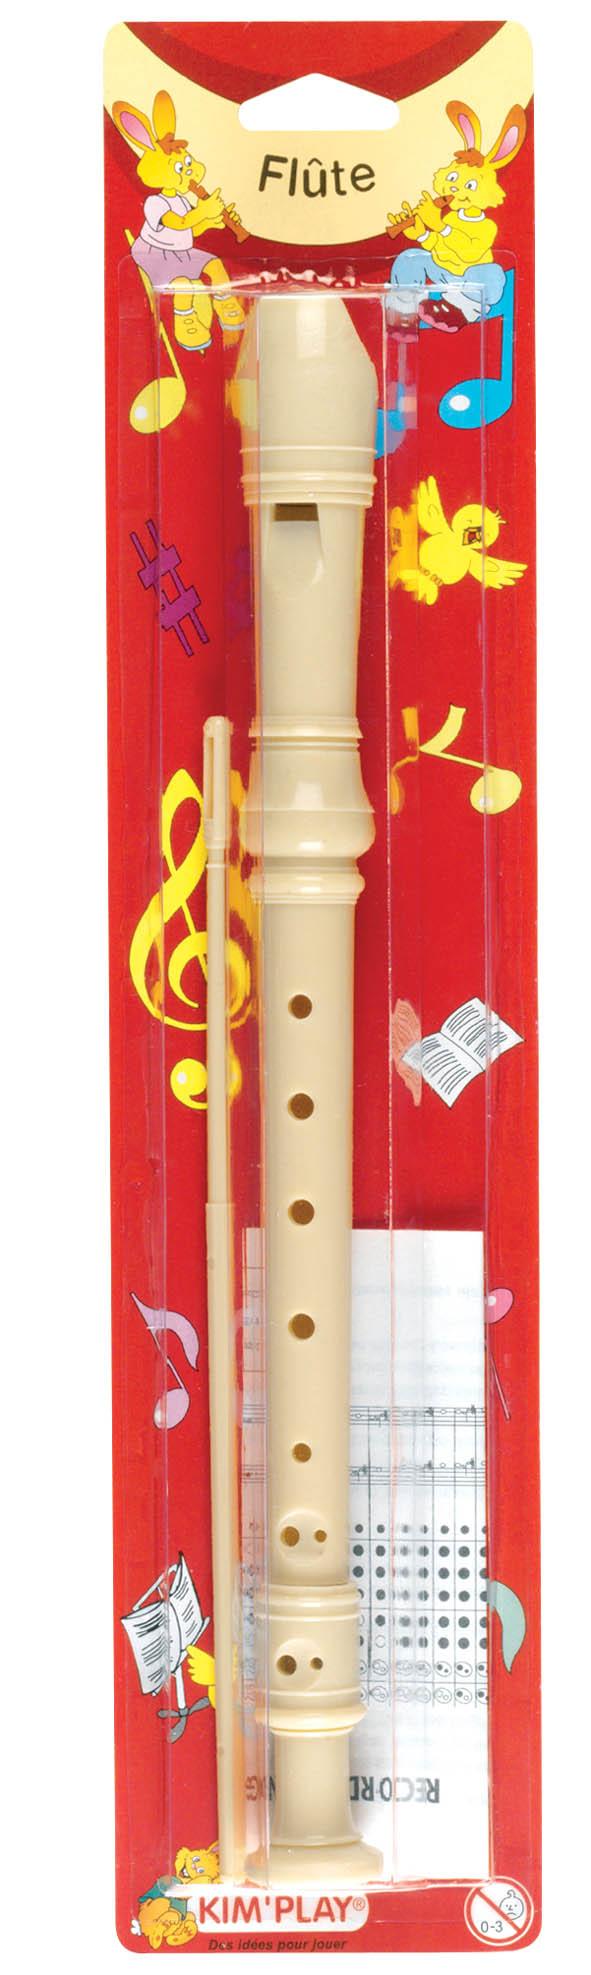 flûte-à-bec